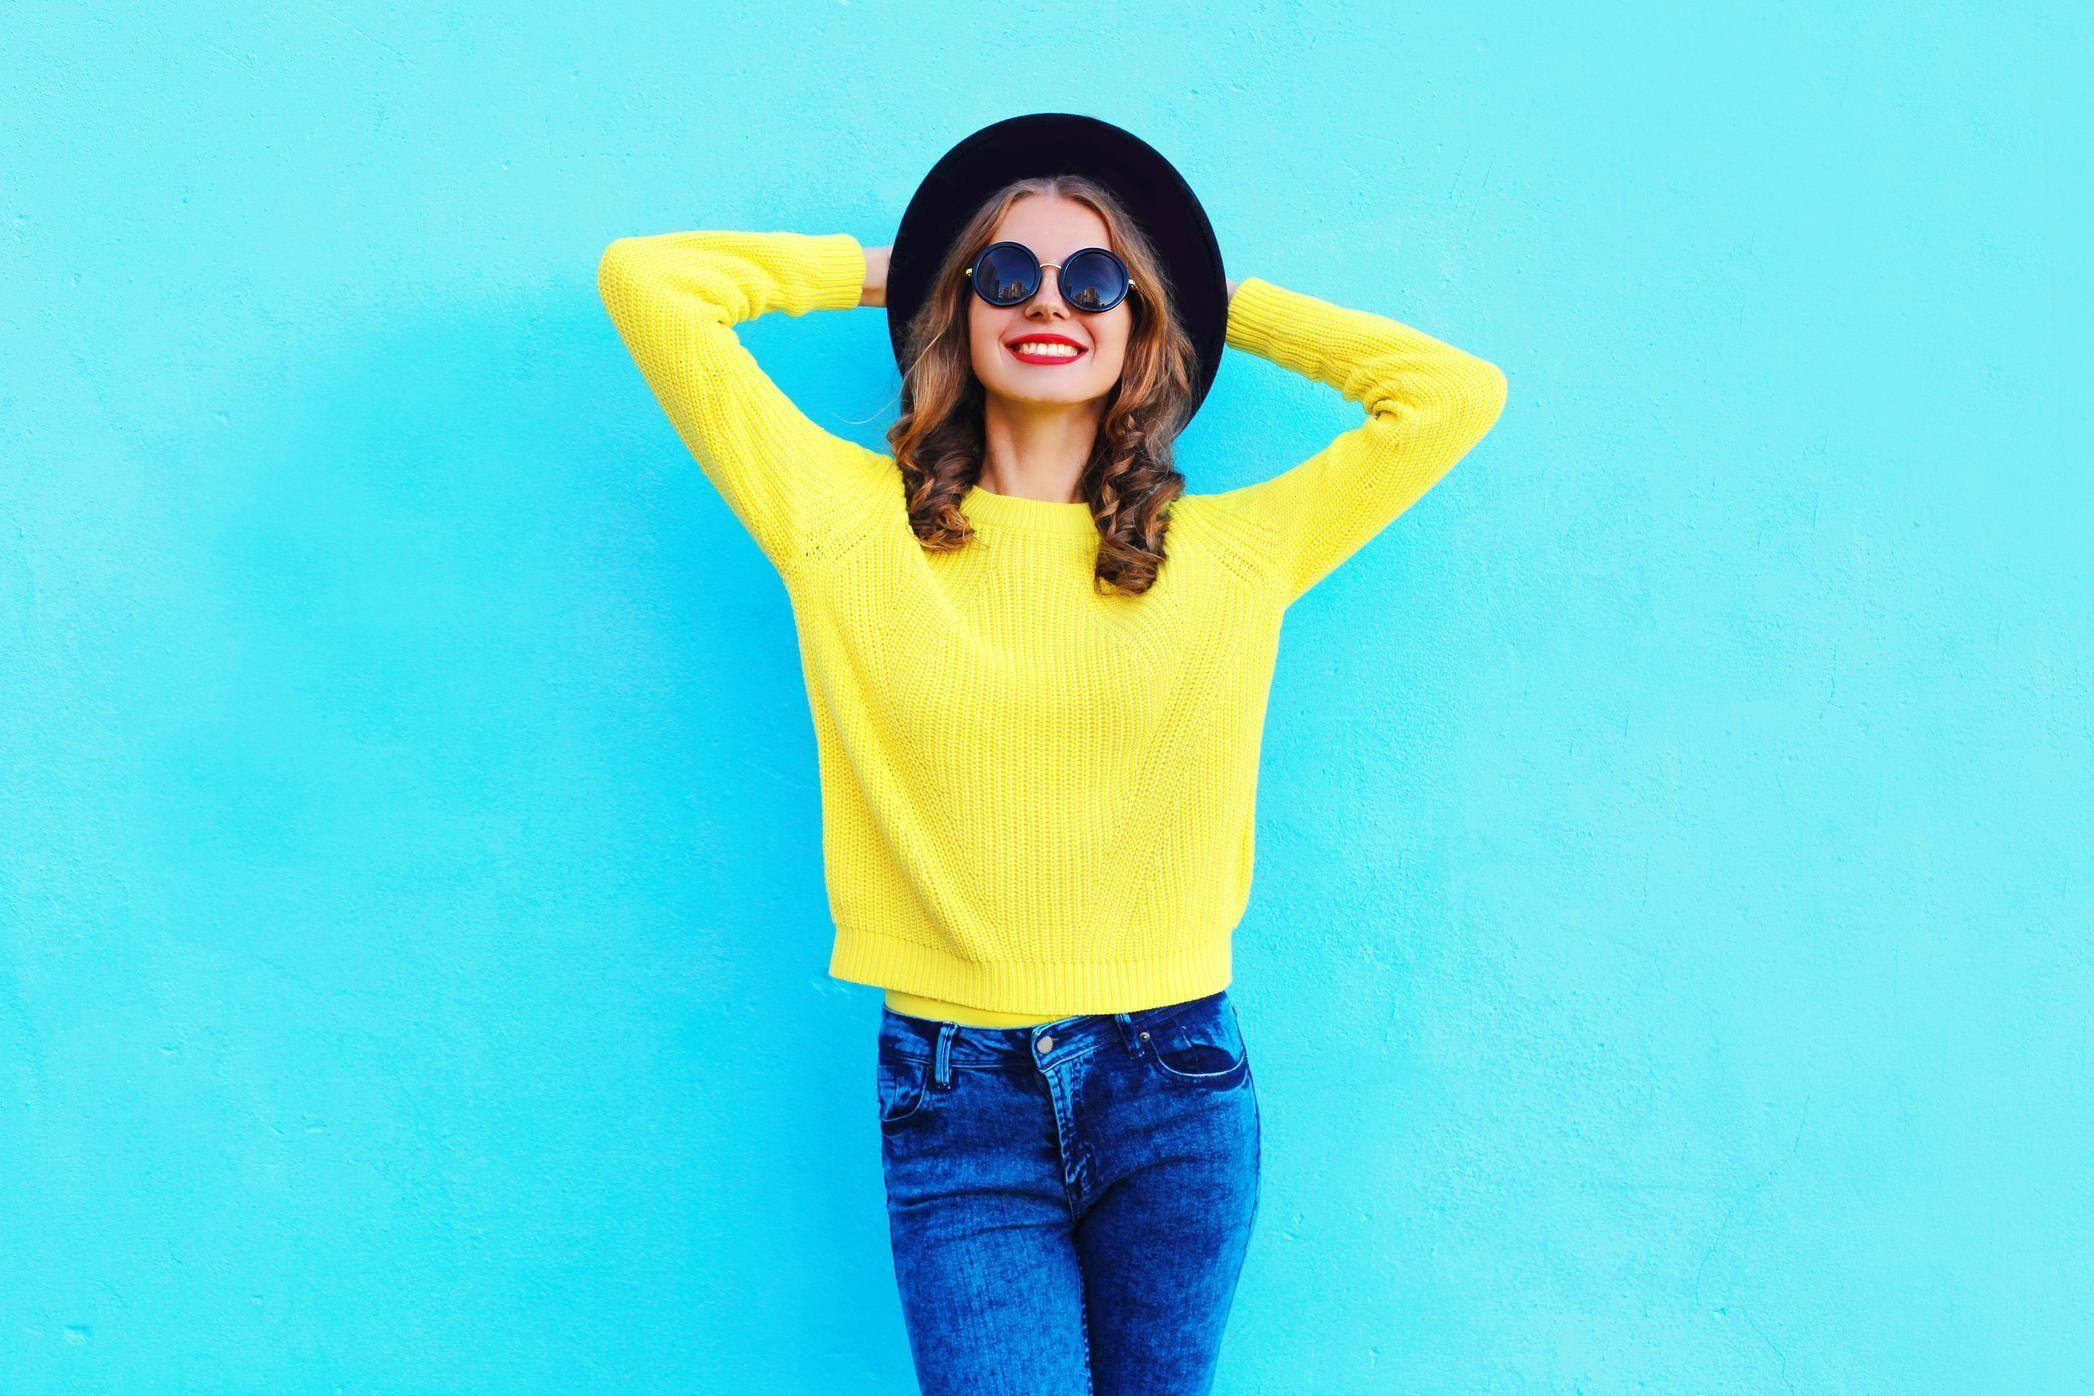 économiser jusqu'à 80% coût modéré photos officielles 10 conseils pour choisir ses lunettes de soleil - Doctissimo